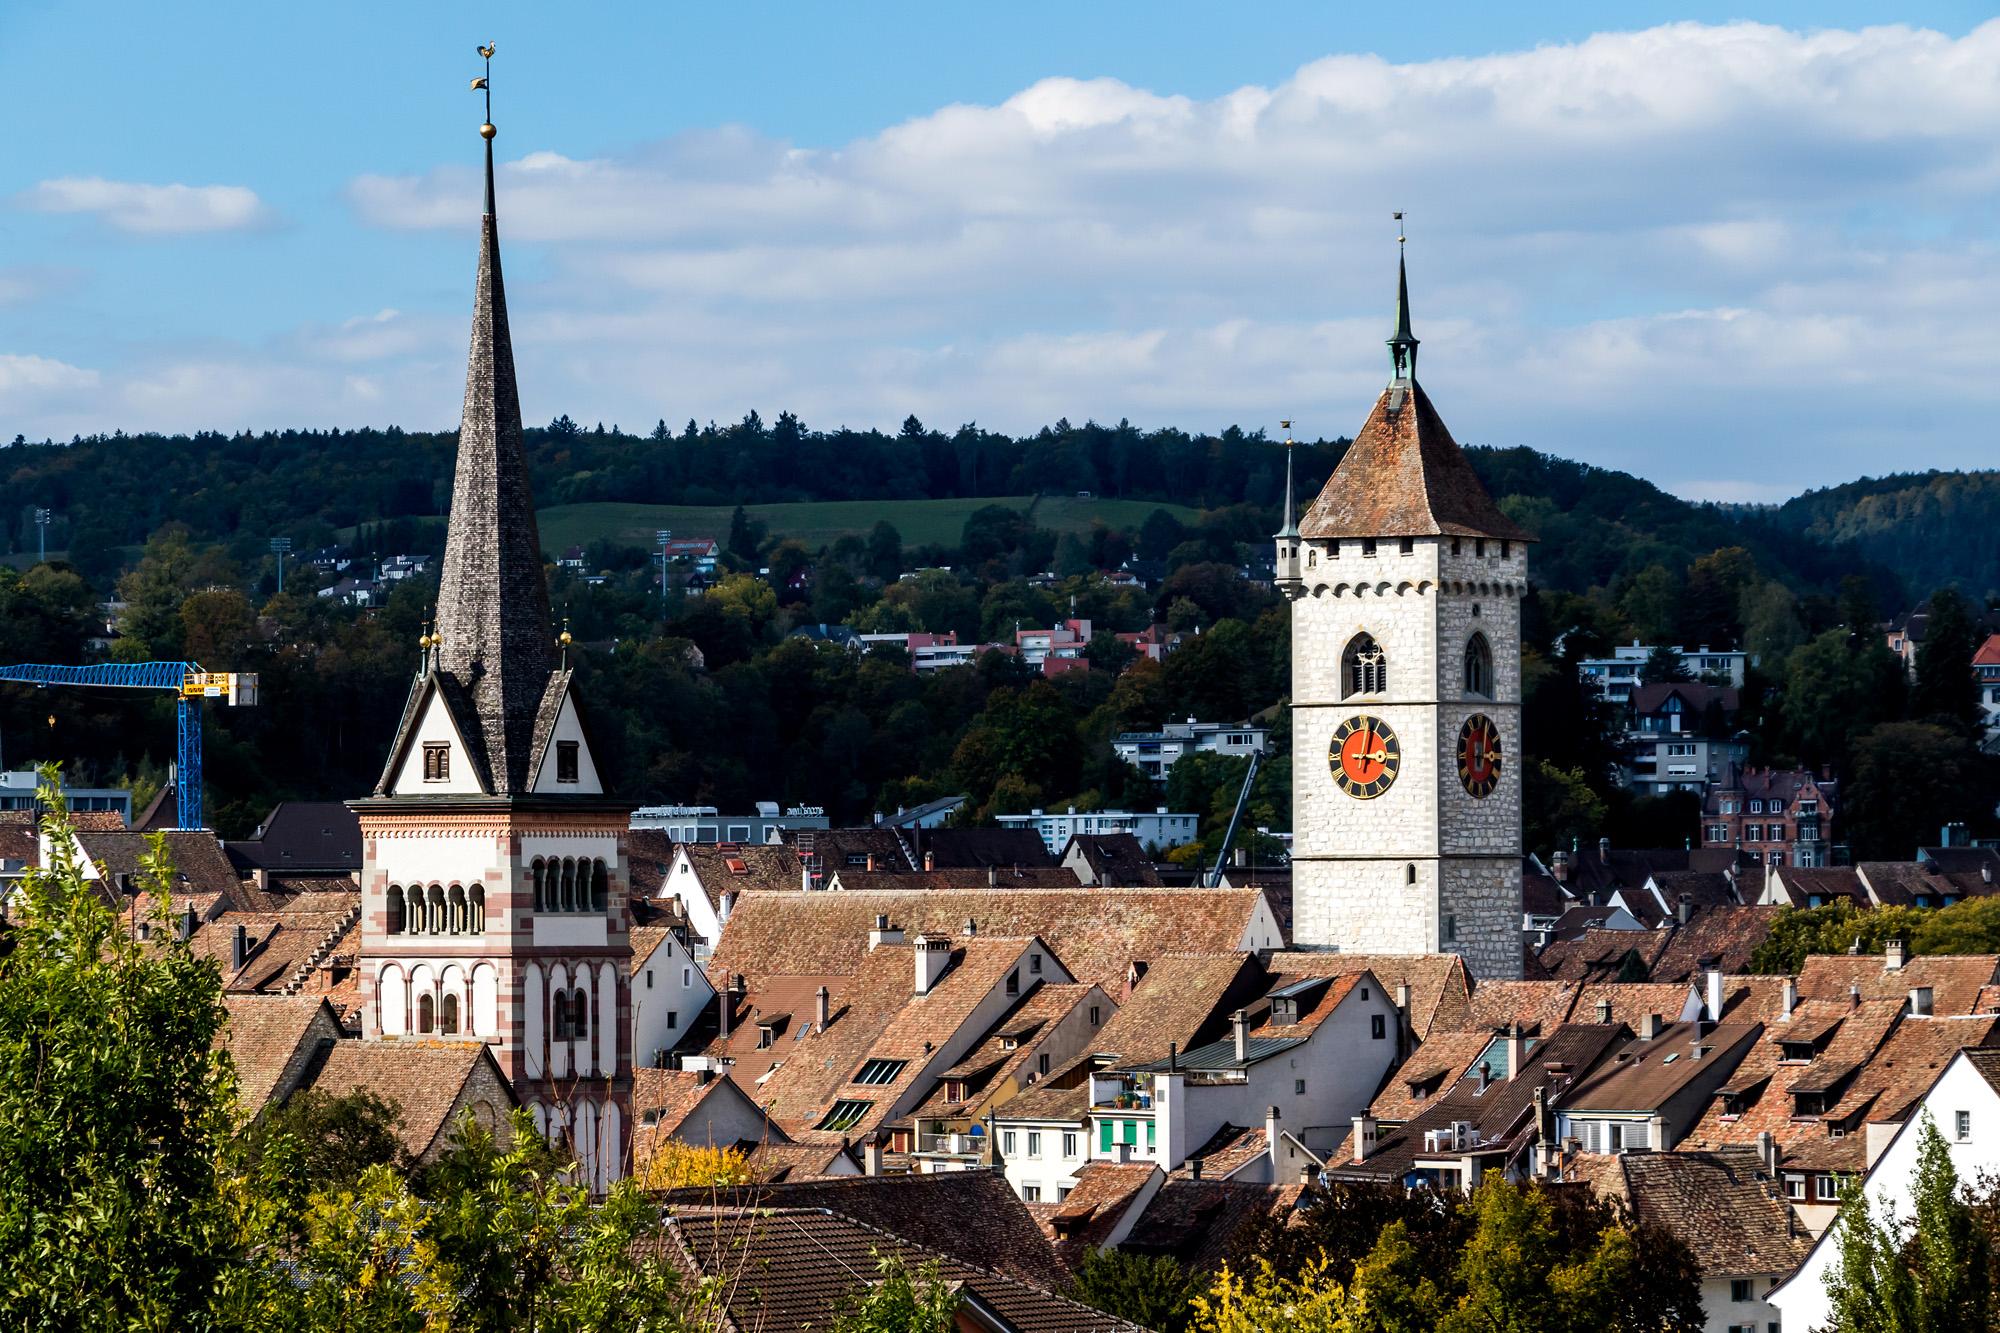 Turmparade von Schaffhausen. Rechts derjenige der Kirche St. Johann, links davon der romanische Turm des Münsters zu Allerheiligen, erbaut um das Jahr 1200. Die zugehörige Benediktinerabtei war für die Geschicke und Erfolge der Stadt lange Zeit mitbestimmend